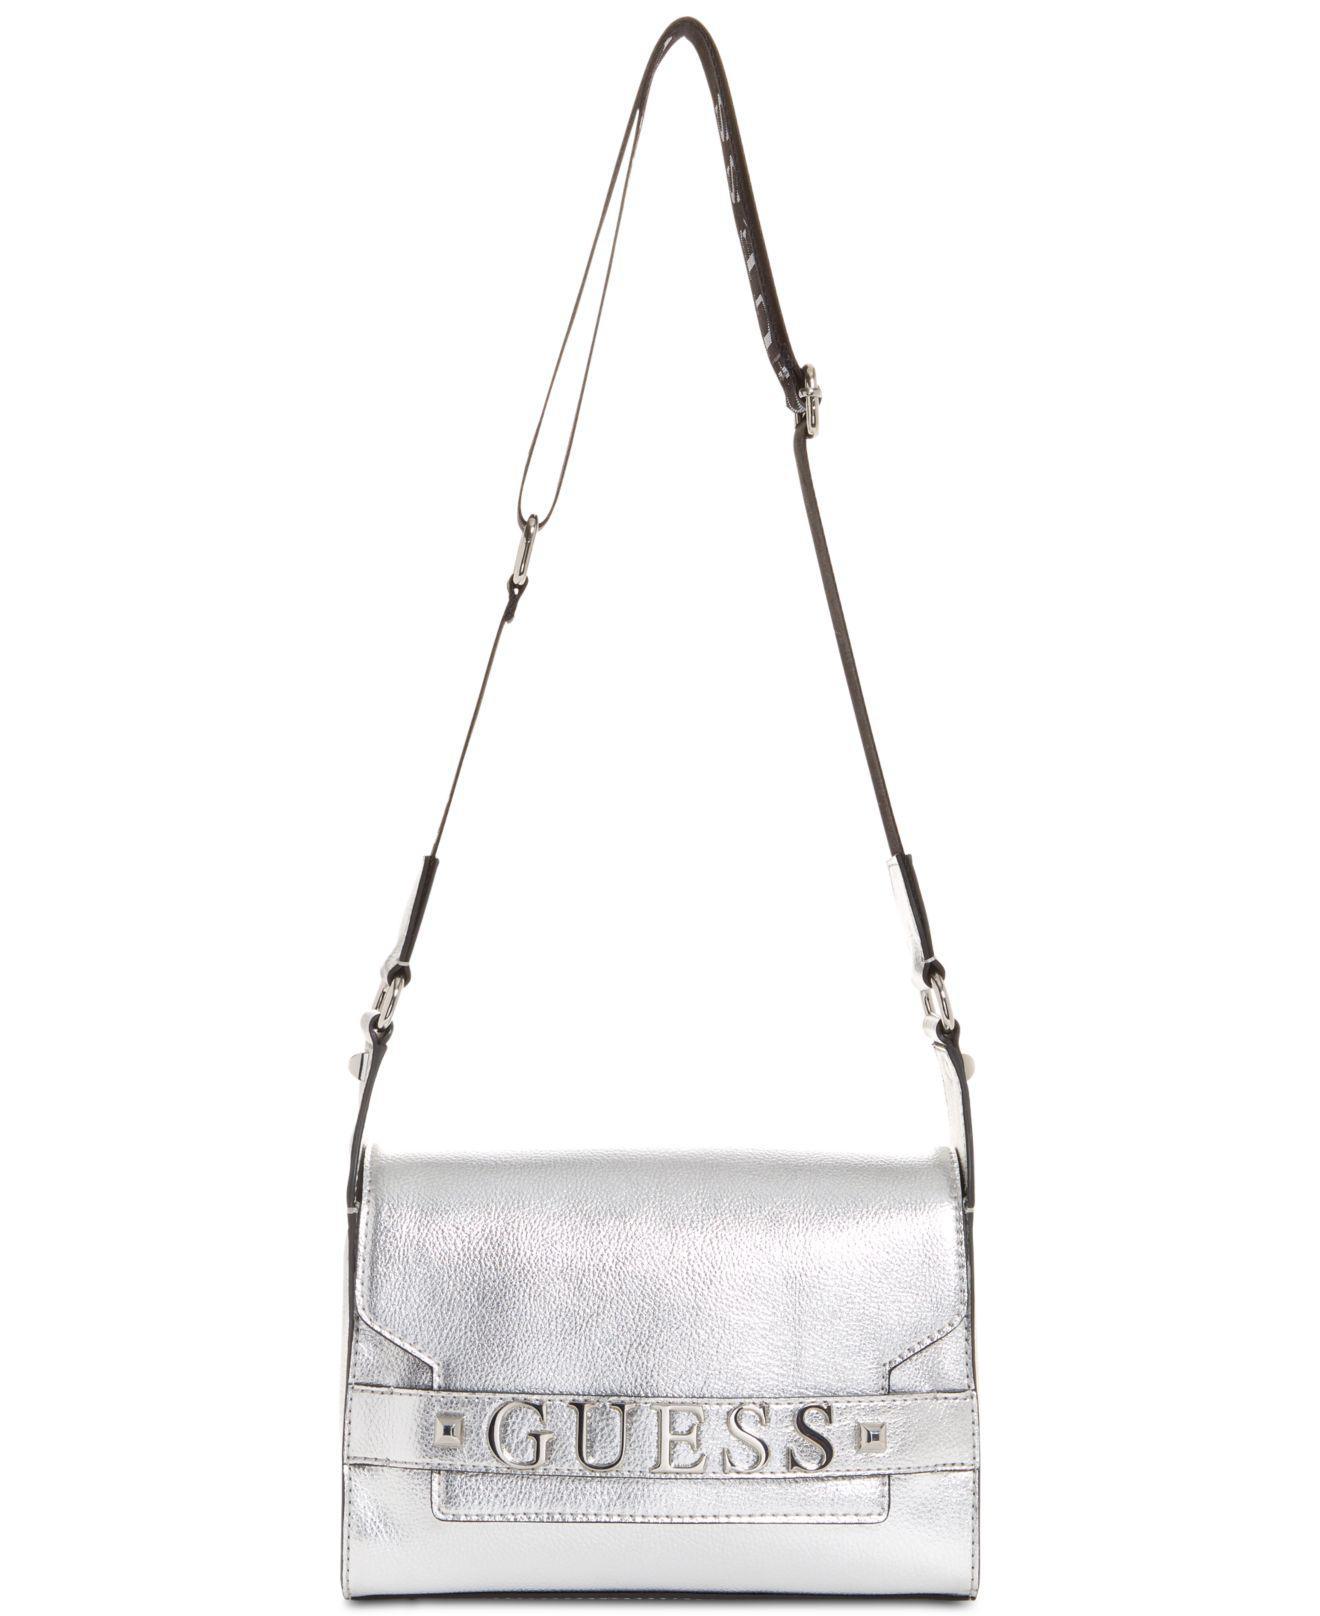 Lyst - Guess Felix Shoulder Bag in Metallic 875c887ba87fe